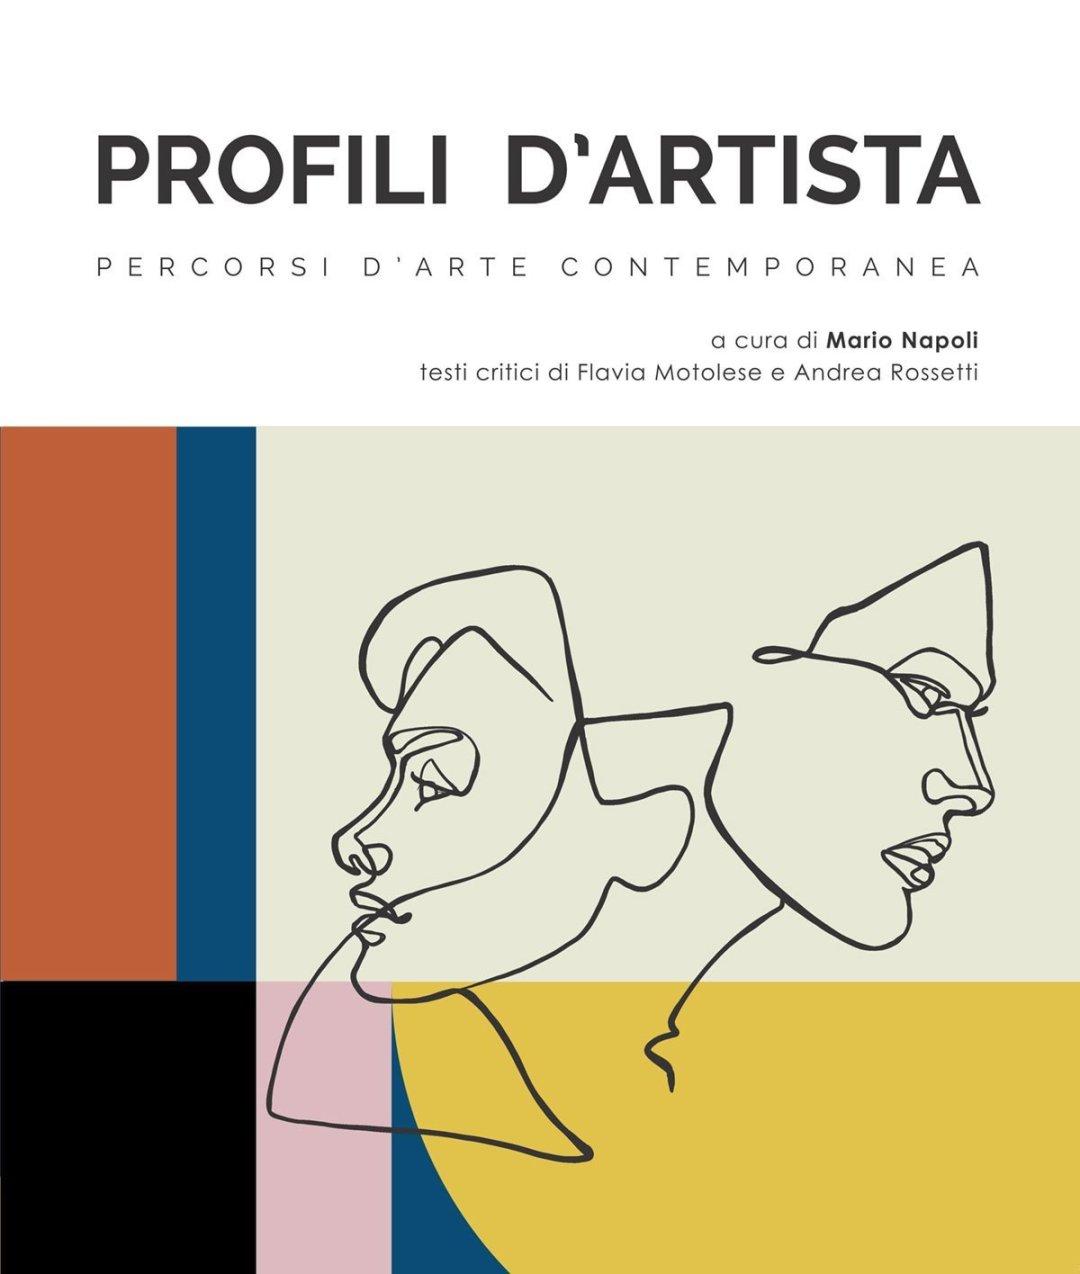 profili-d'artista percorsi d'arte contemporanea